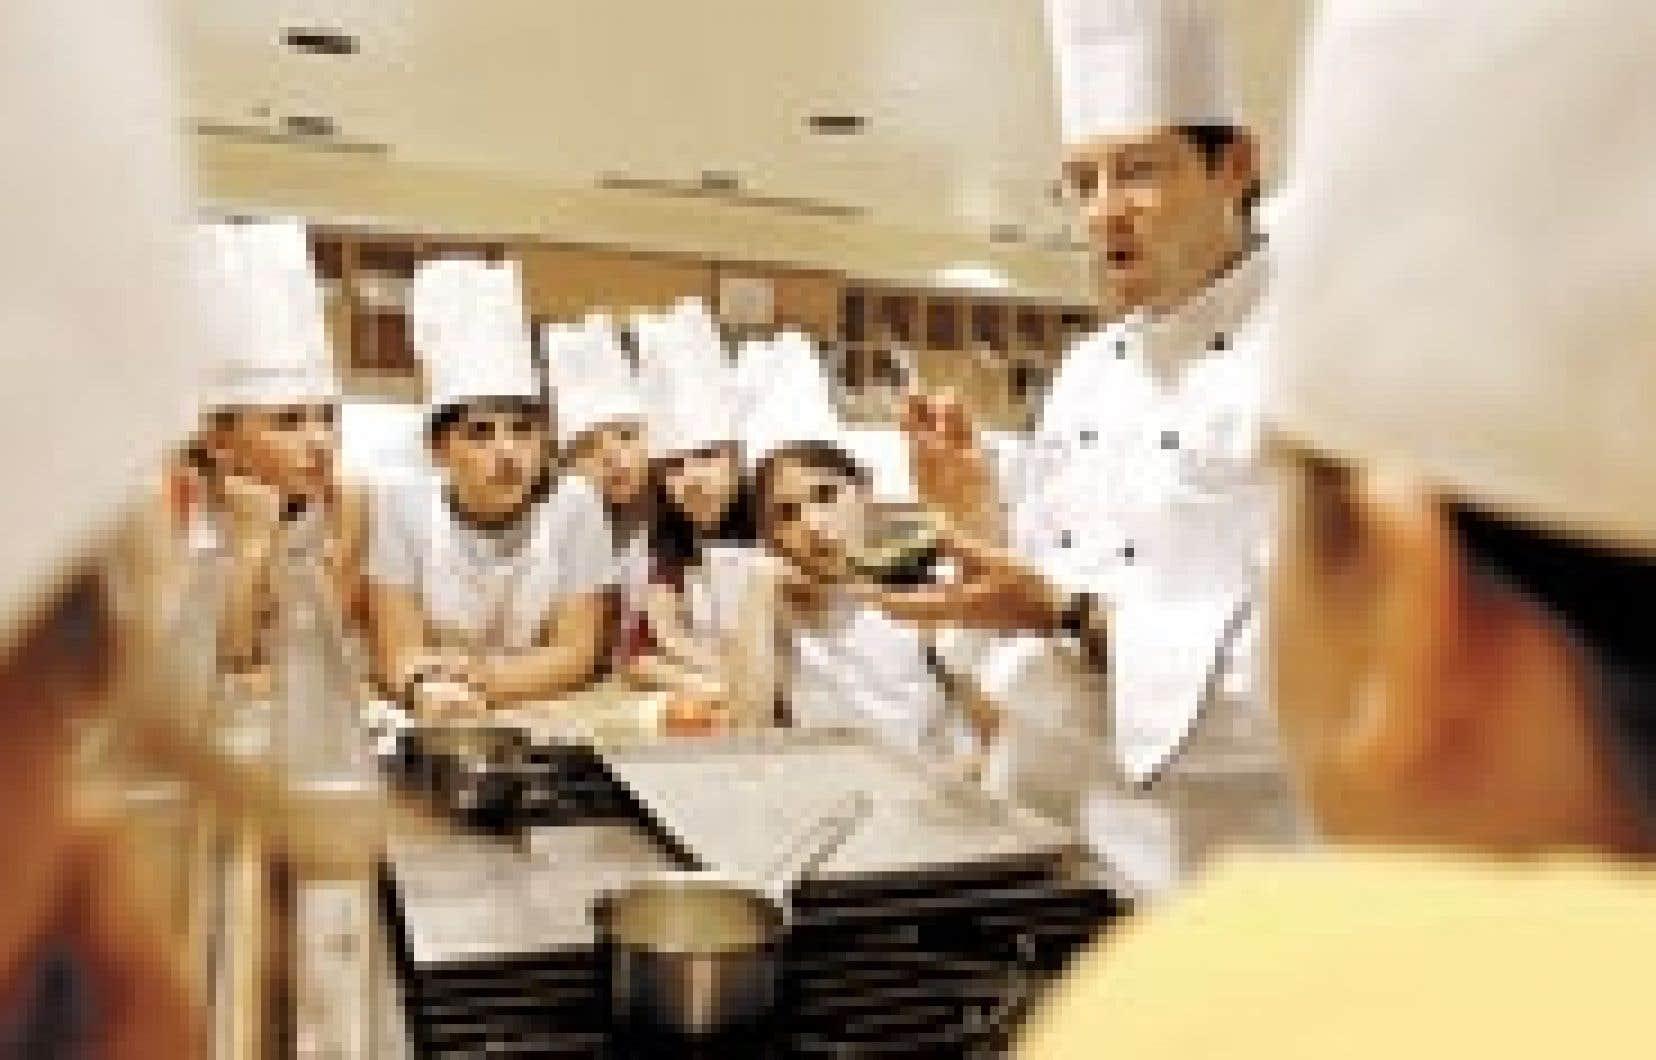 L'école des saveurs ne prend jamais congé. Les émules d'Escoffier entourent le chef Daniel Trottier, de l'Académie culinaire.